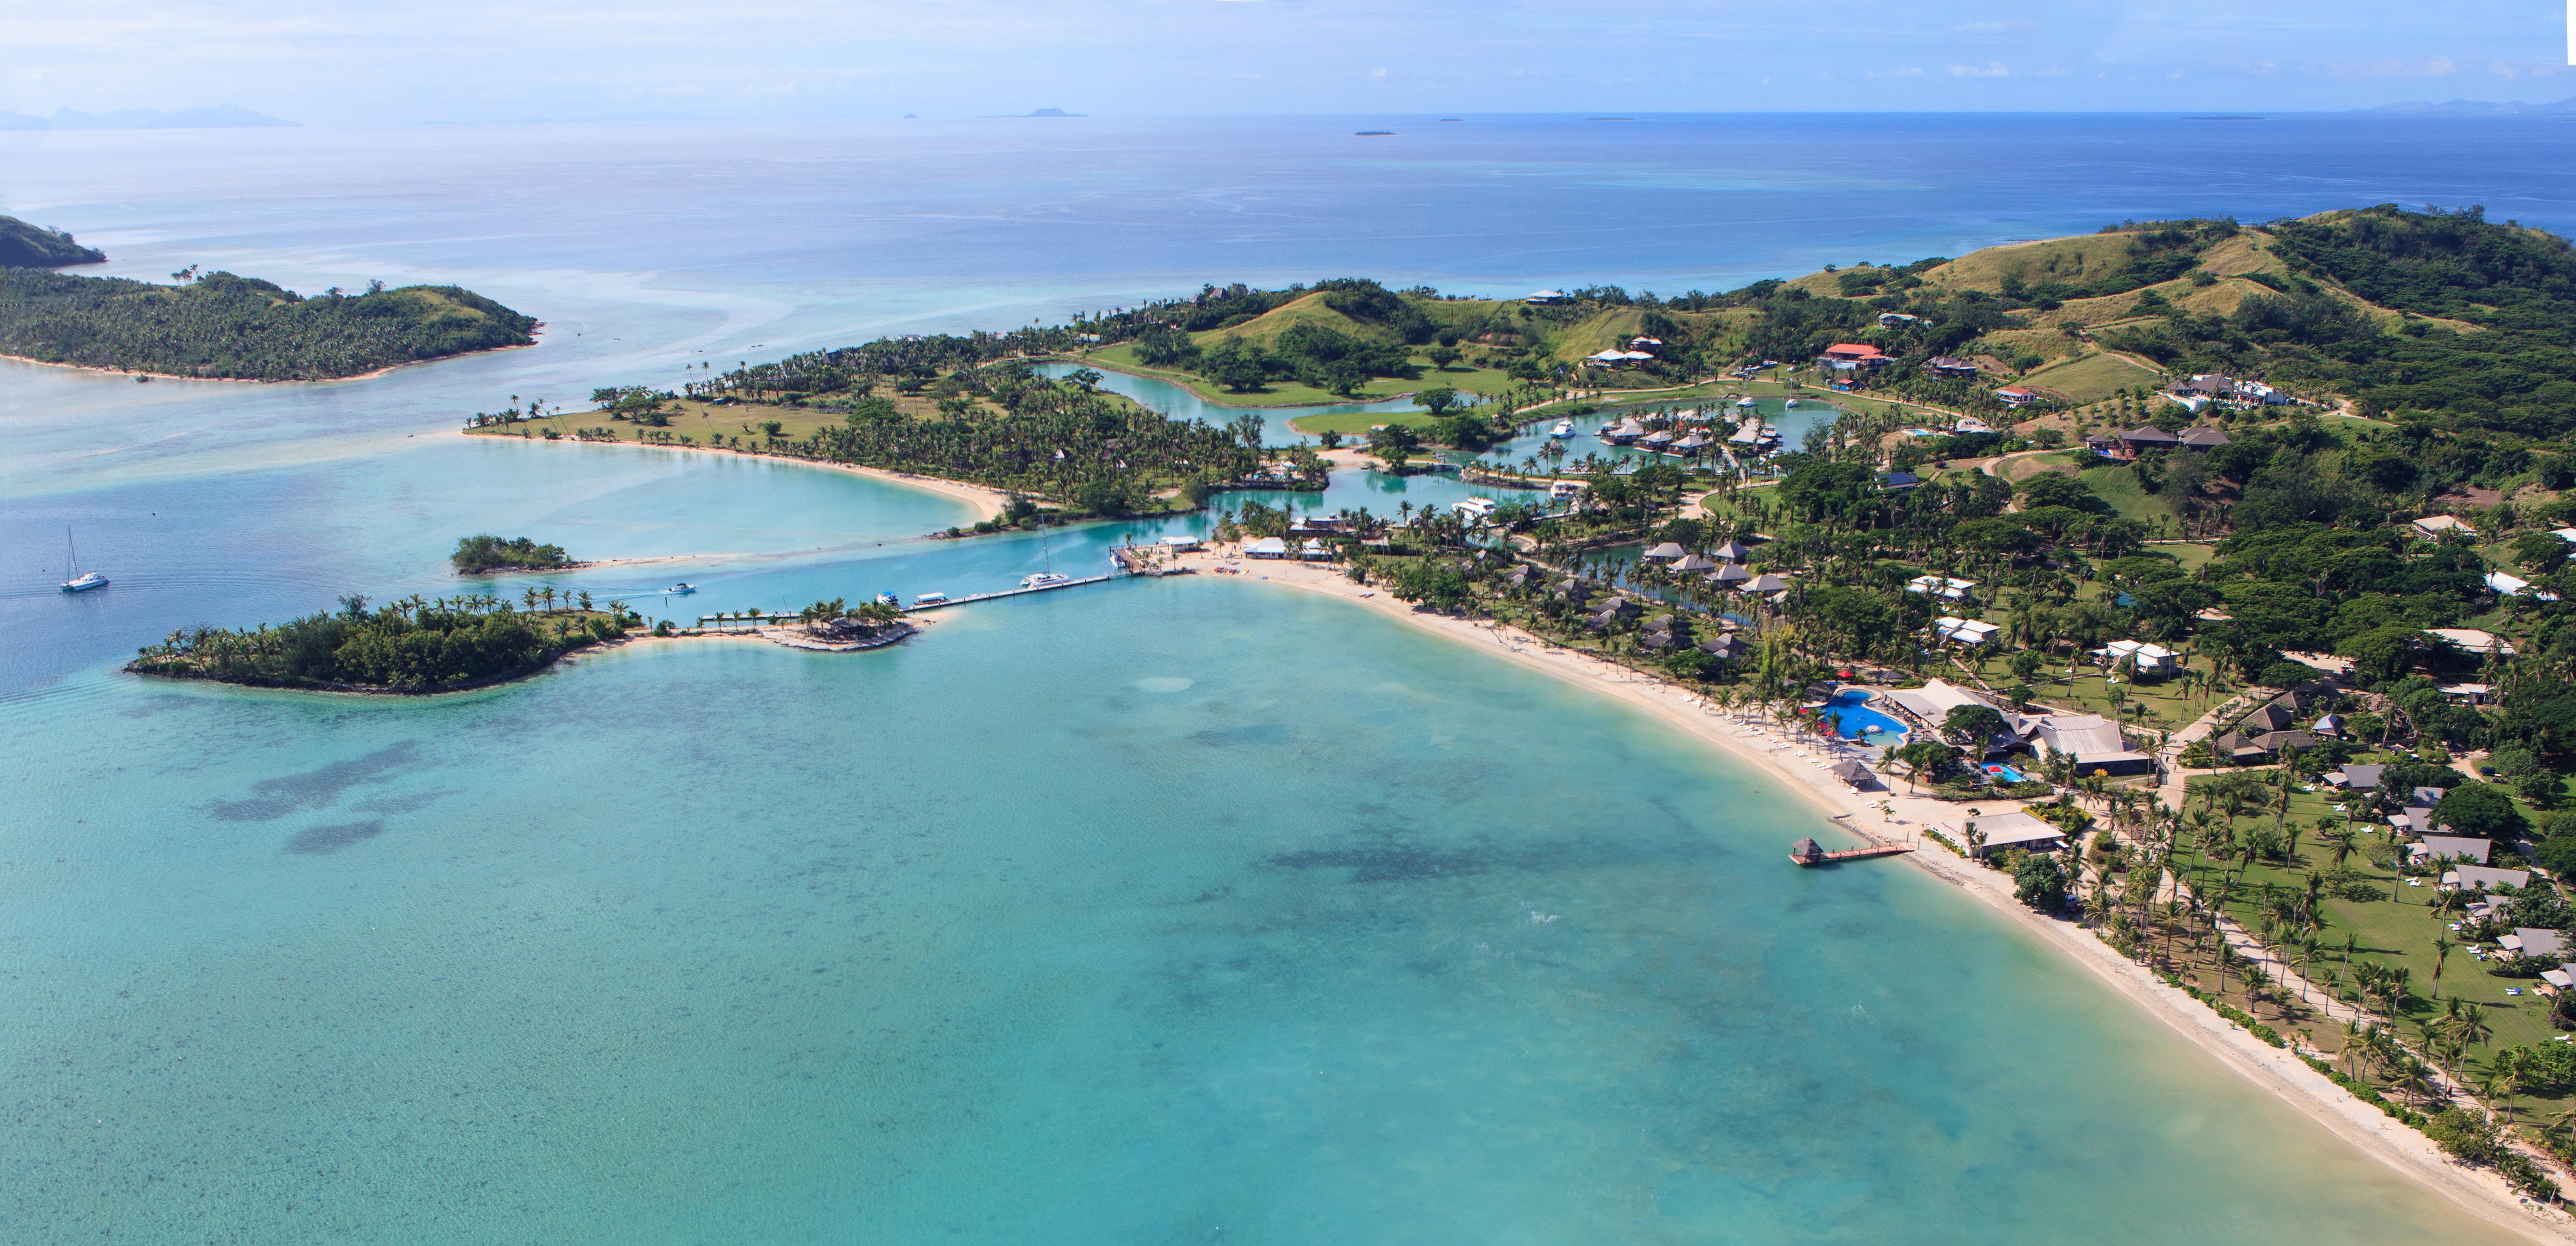 Malolo Lailai Island Island